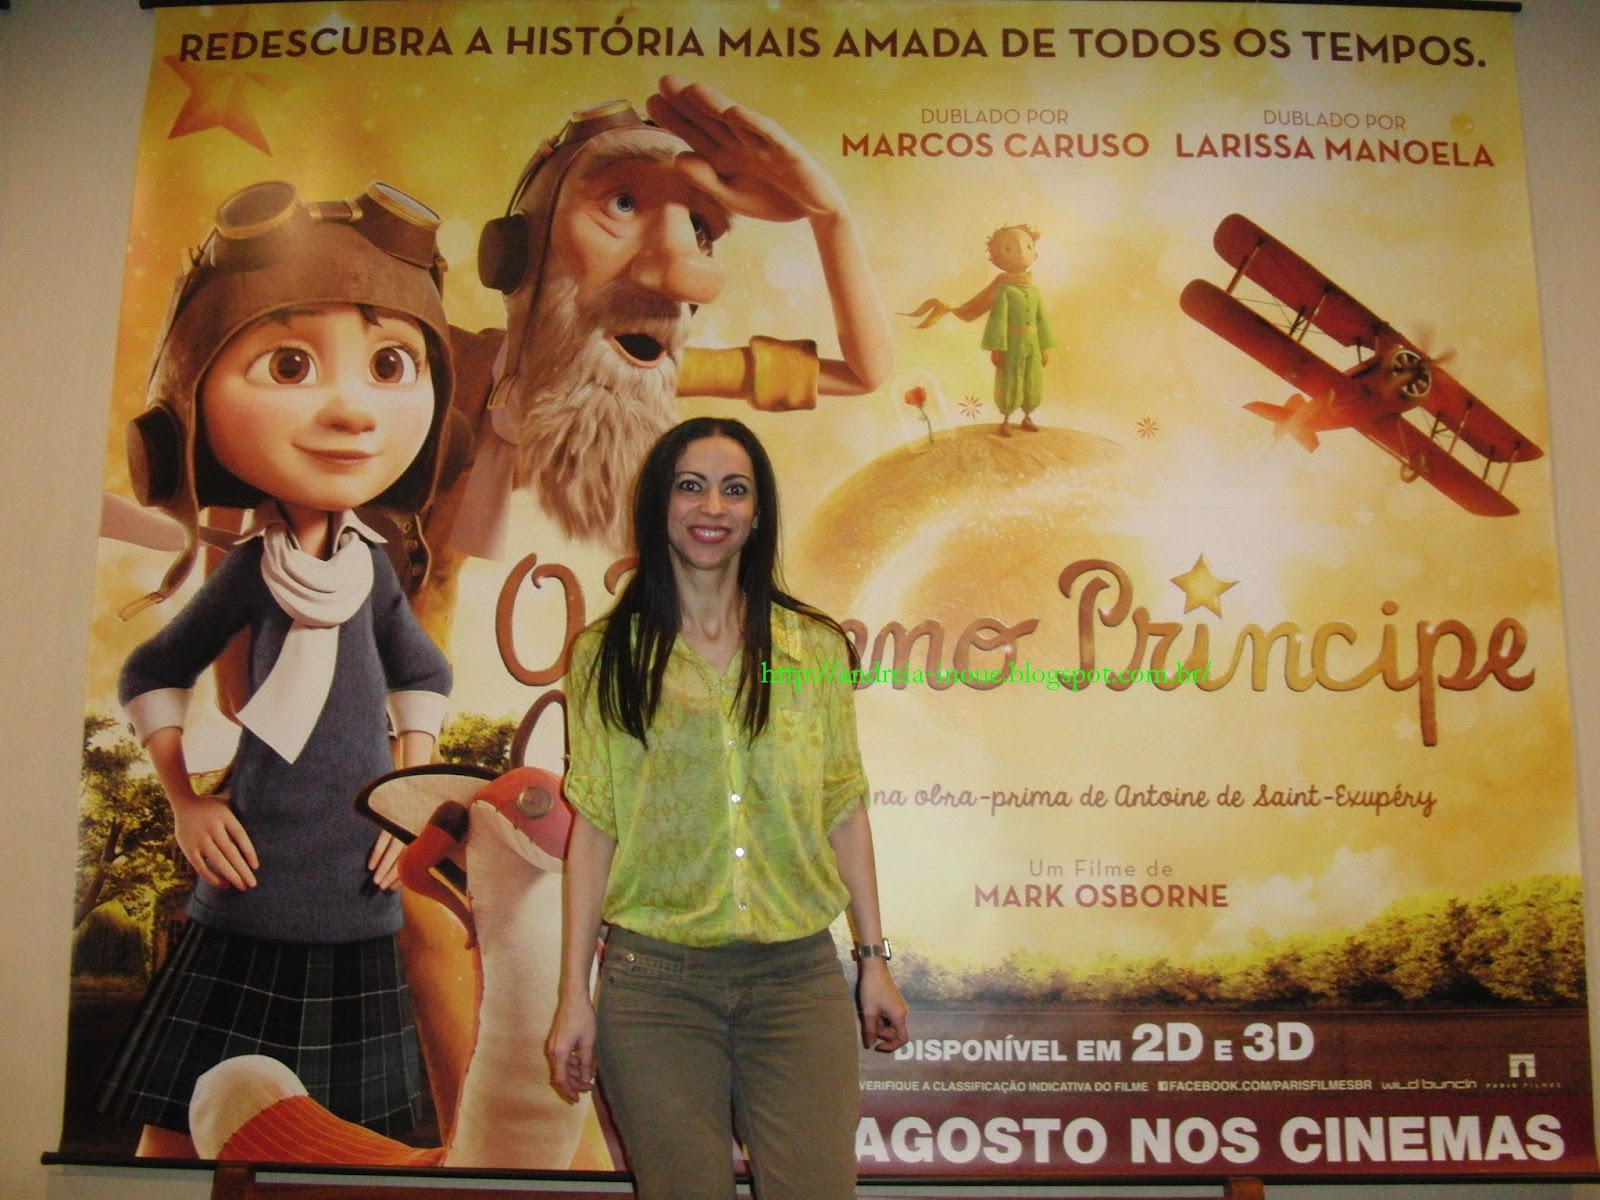 Filme O Pequeno Principe 2015 intended for papiando: o pequeno príncipe.